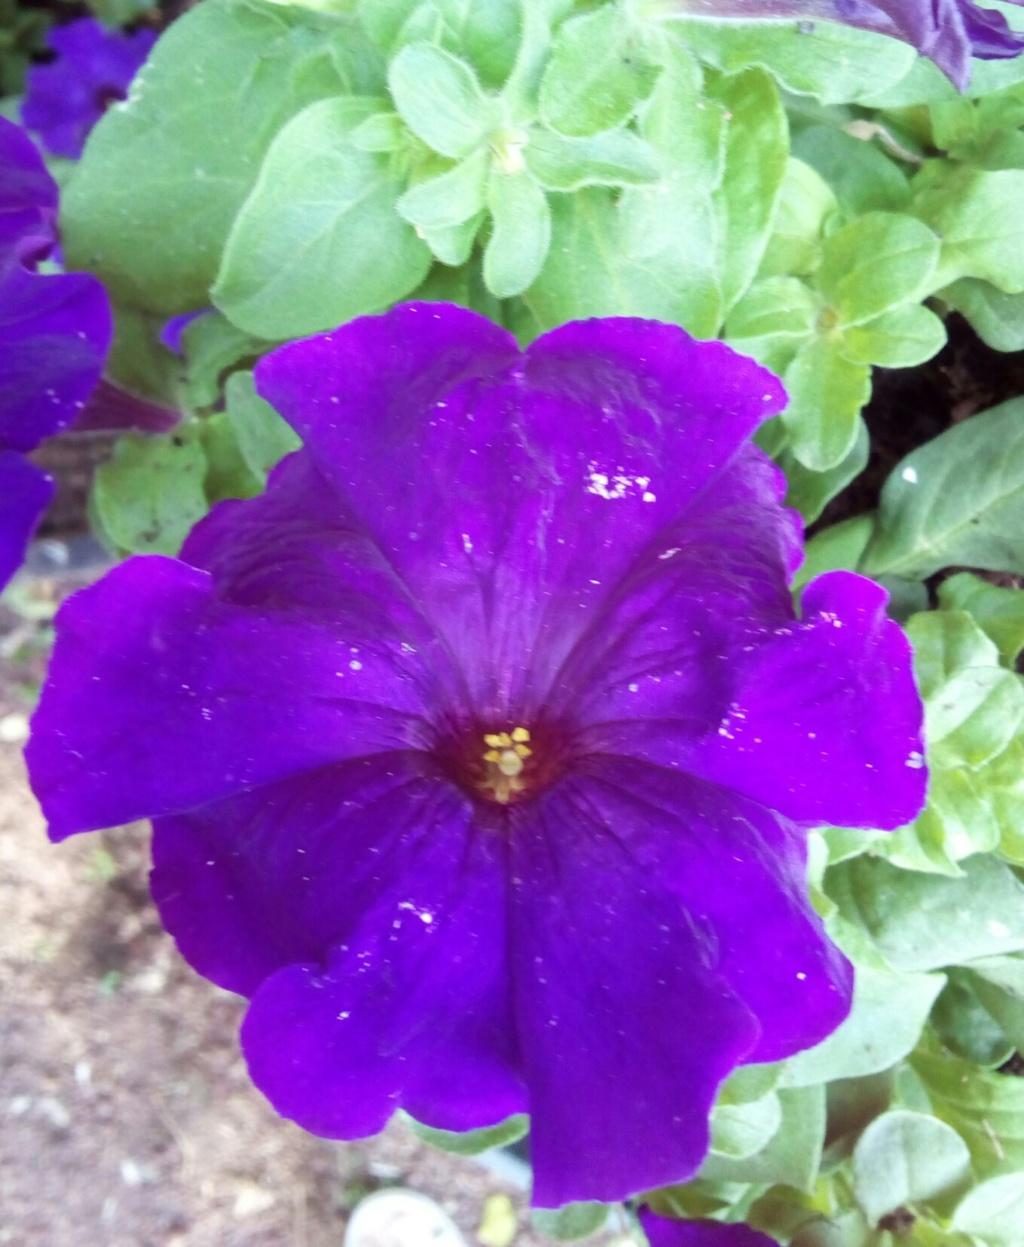 Les pétunias... source de couleurs insolites !  Img_2069